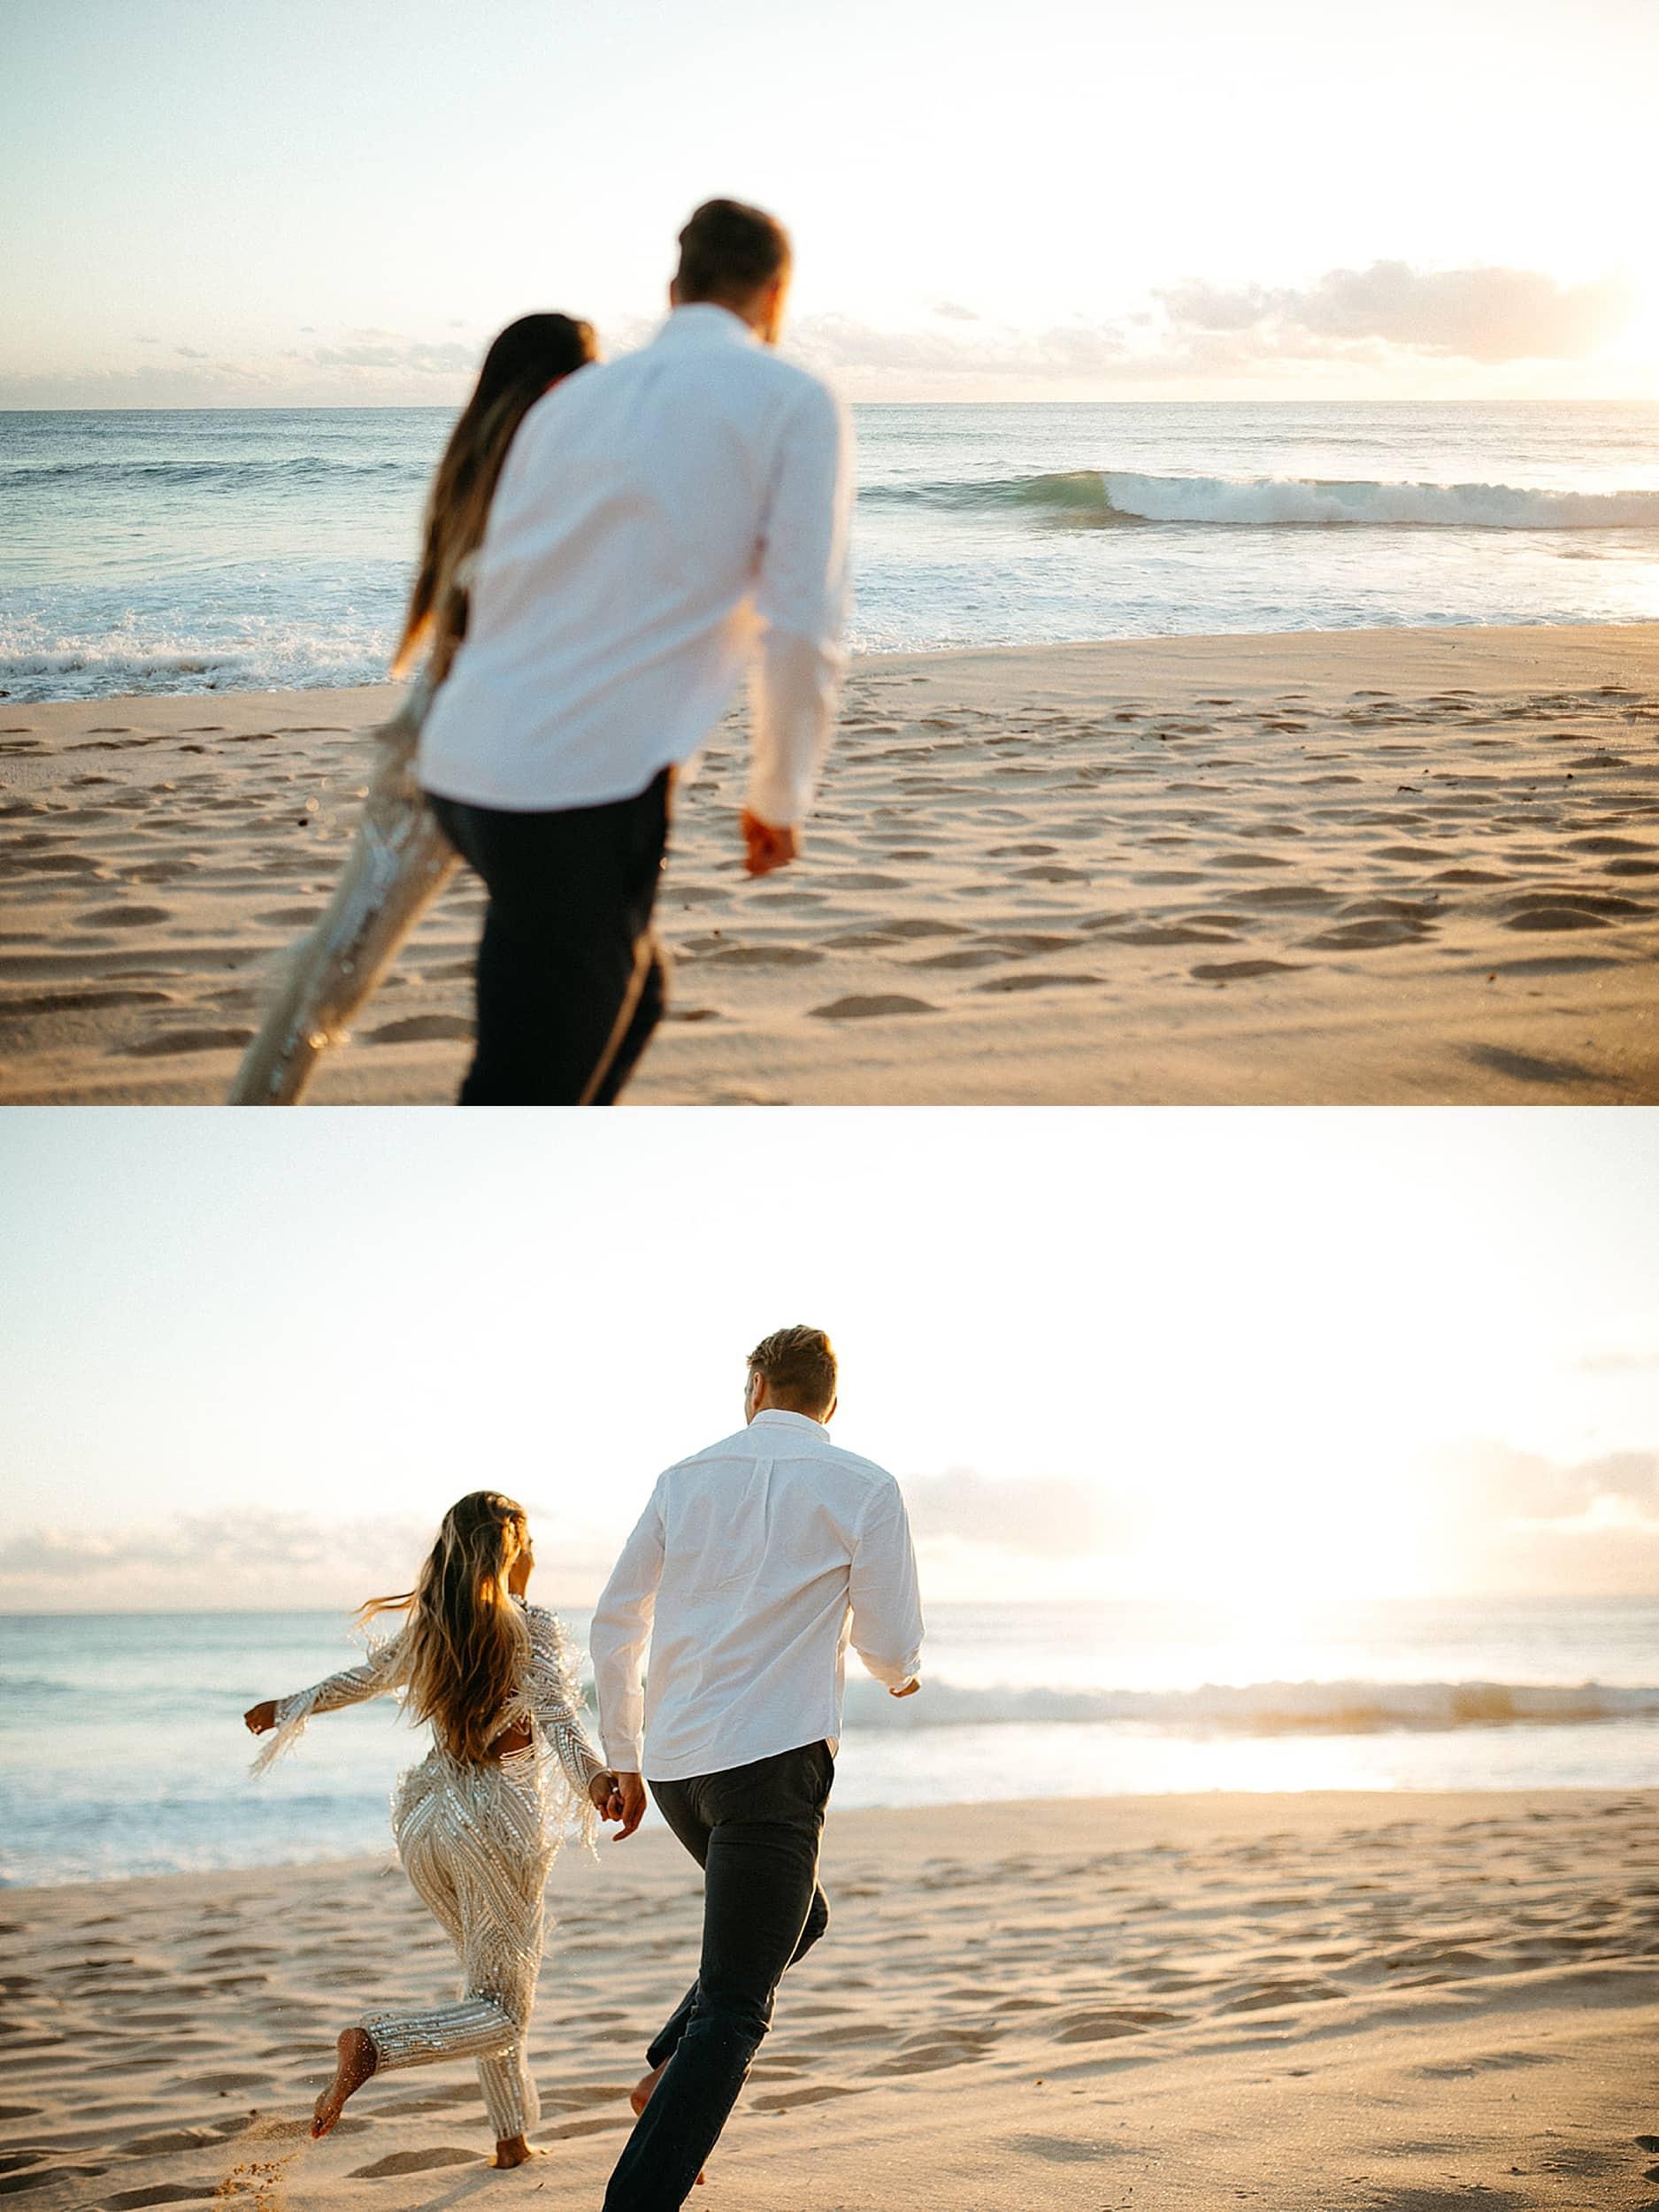 couple walking on a beach in Oahu